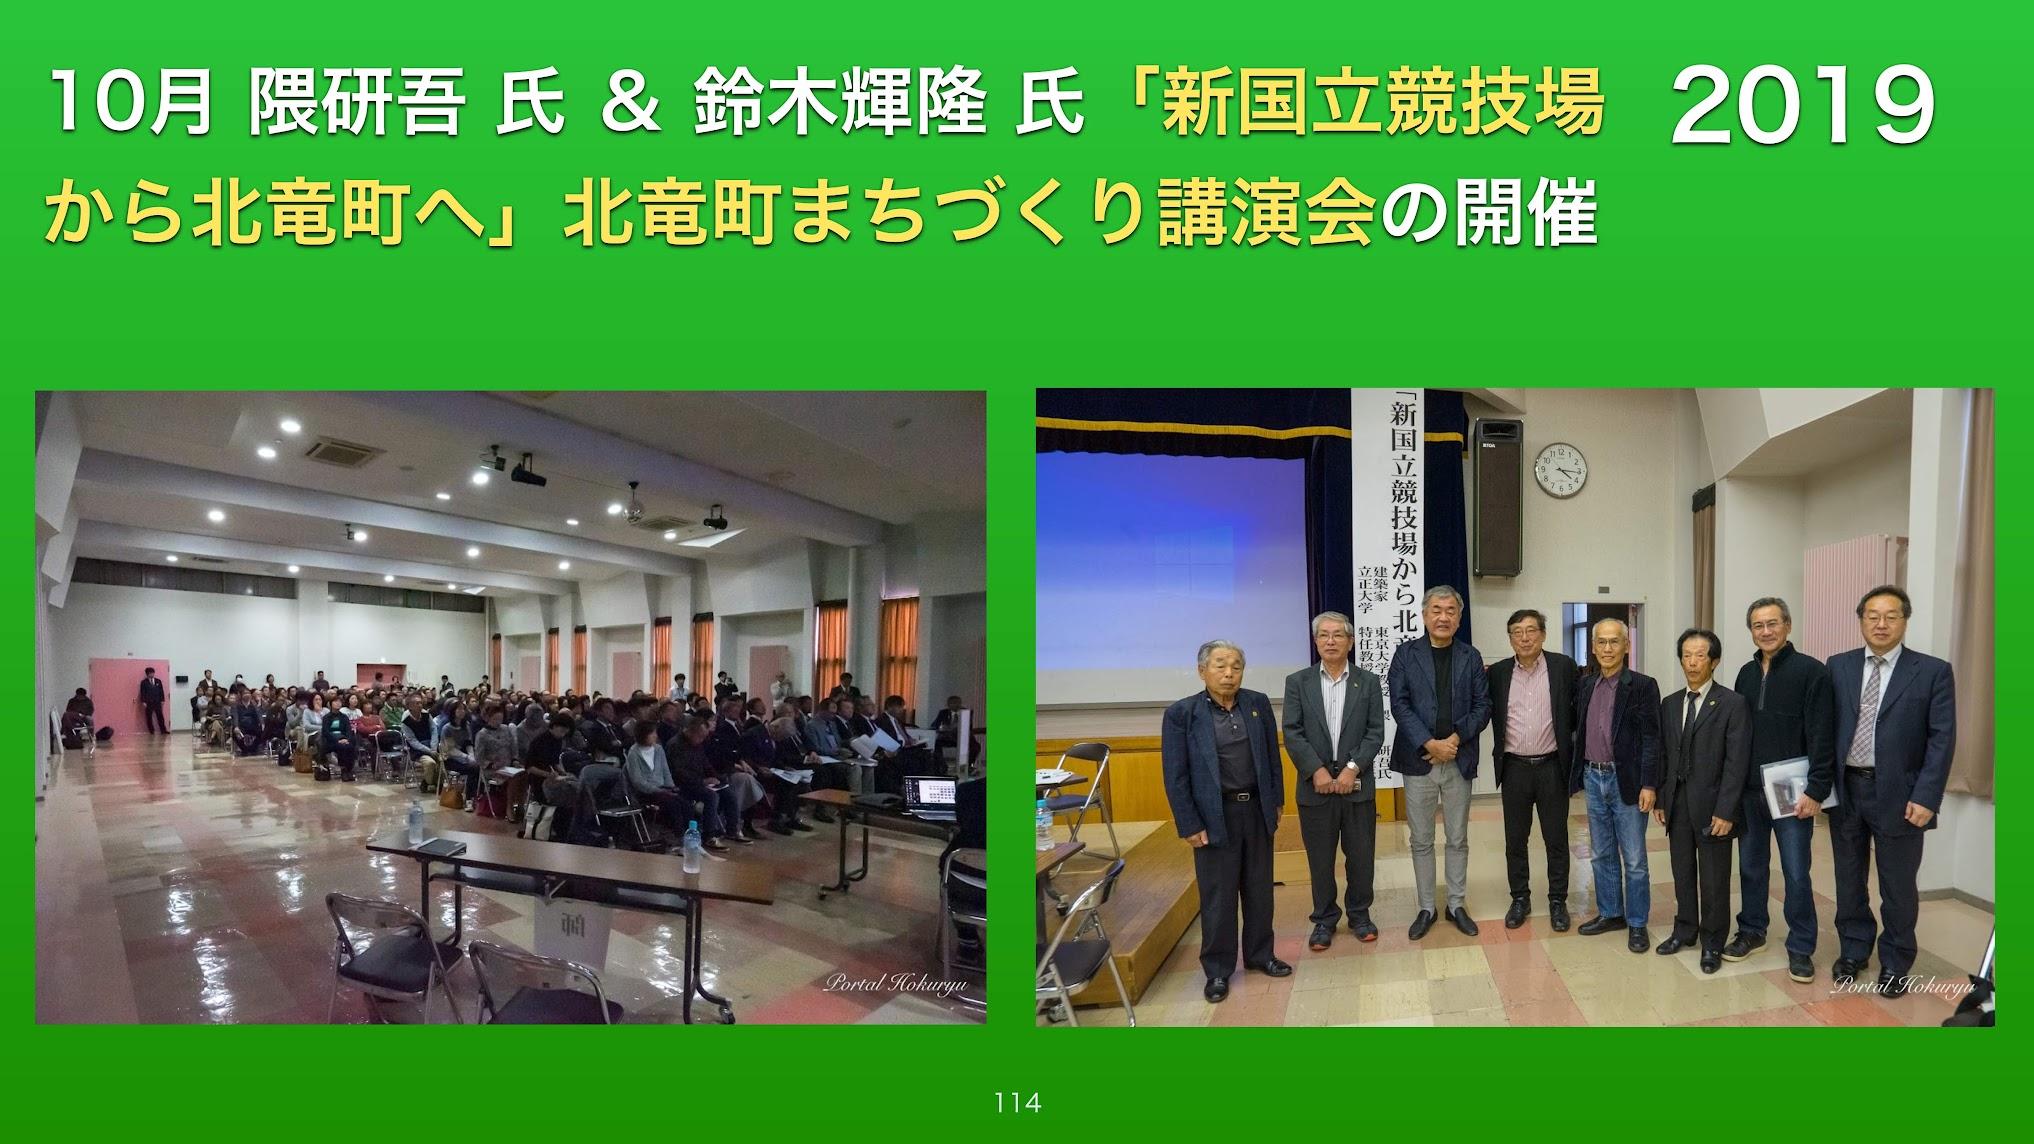 10月:隈研吾氏&鈴木輝隆氏 「新国立競技場から北竜町へ」北竜町まちづくり講演会の開催